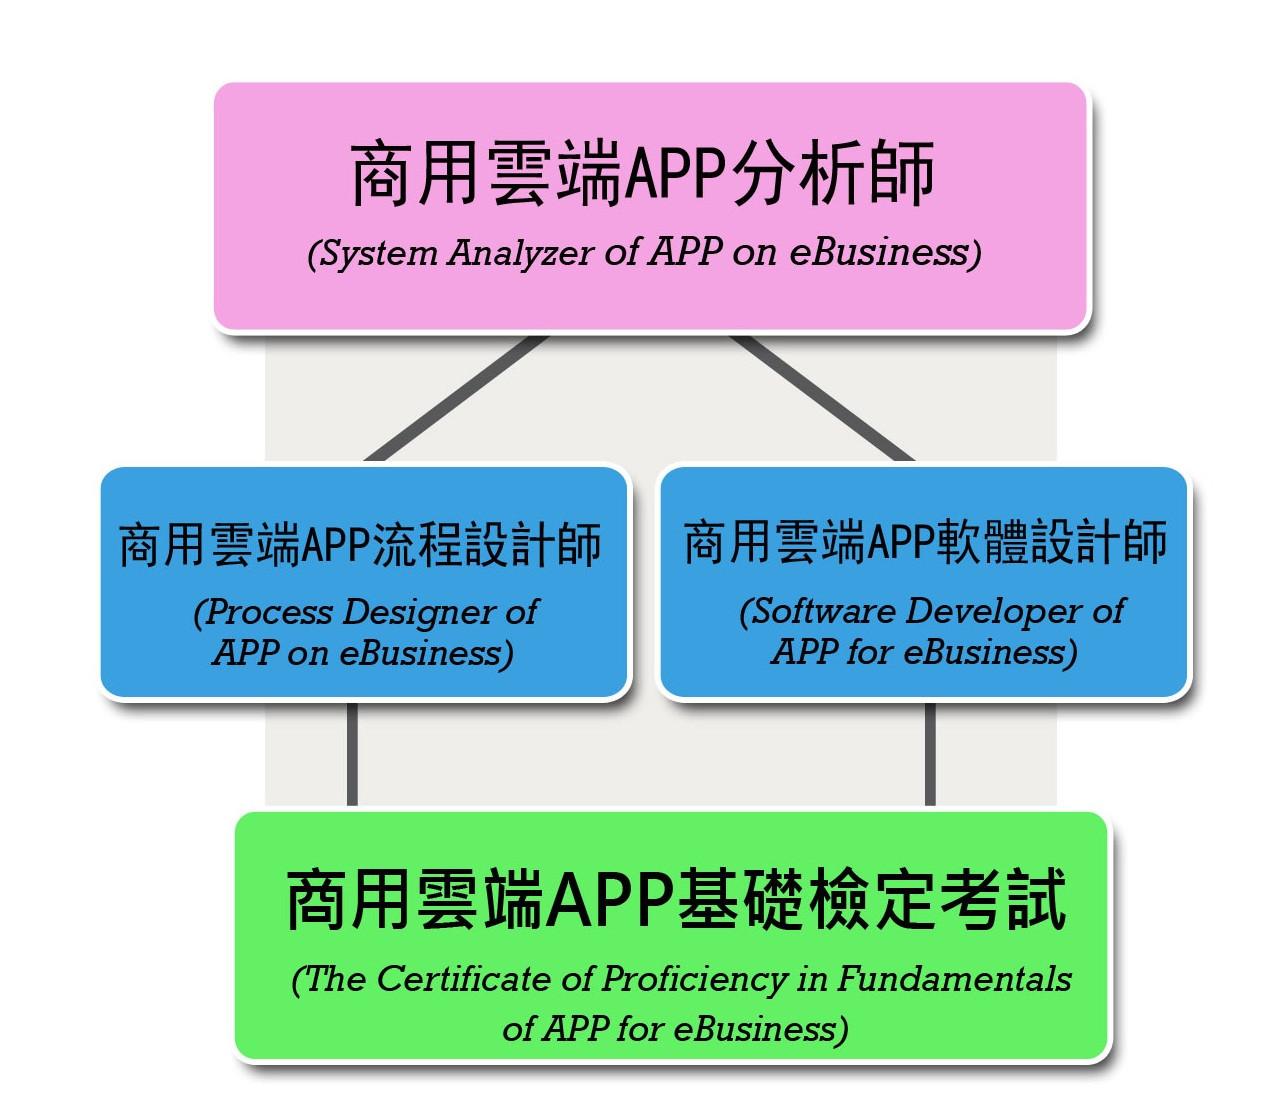 商用雲端APP認證